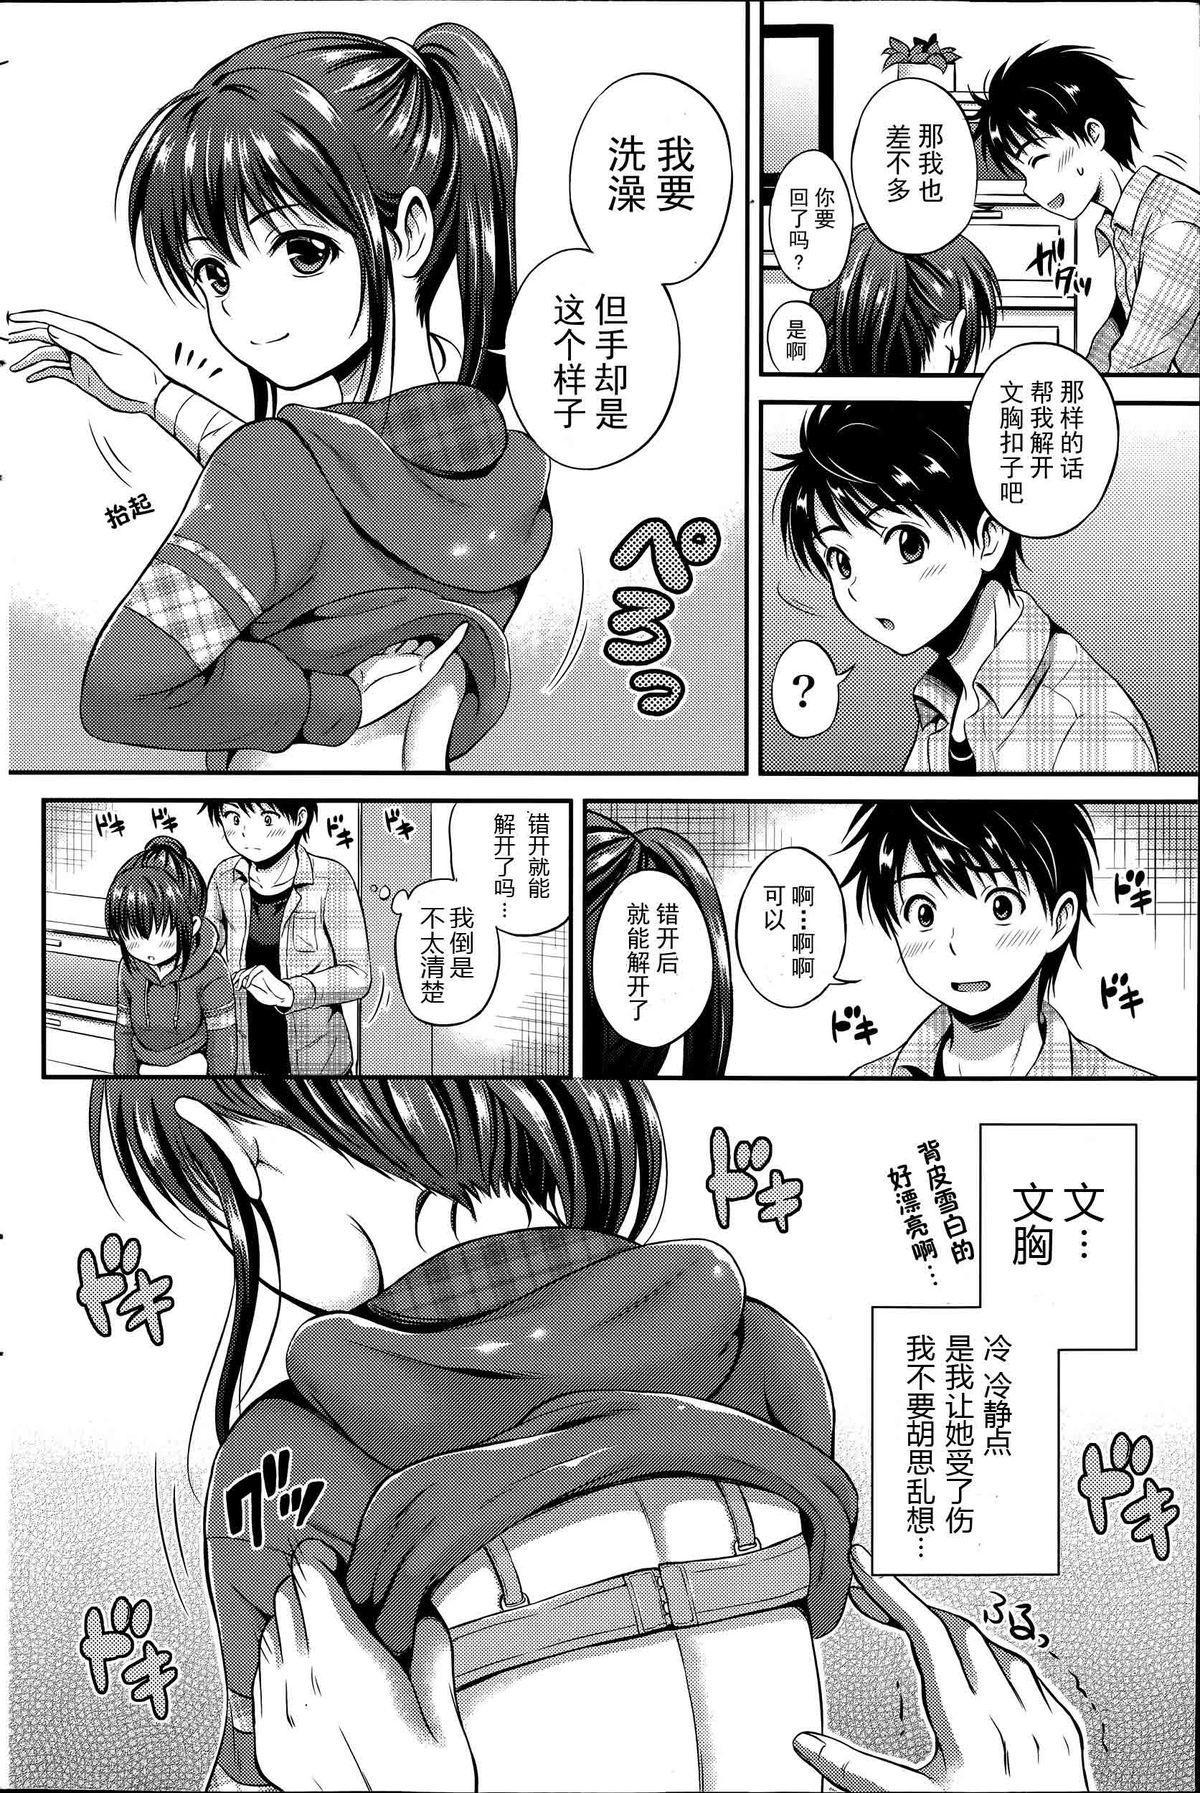 Kataomoi Bandage Ch. 1-2 5